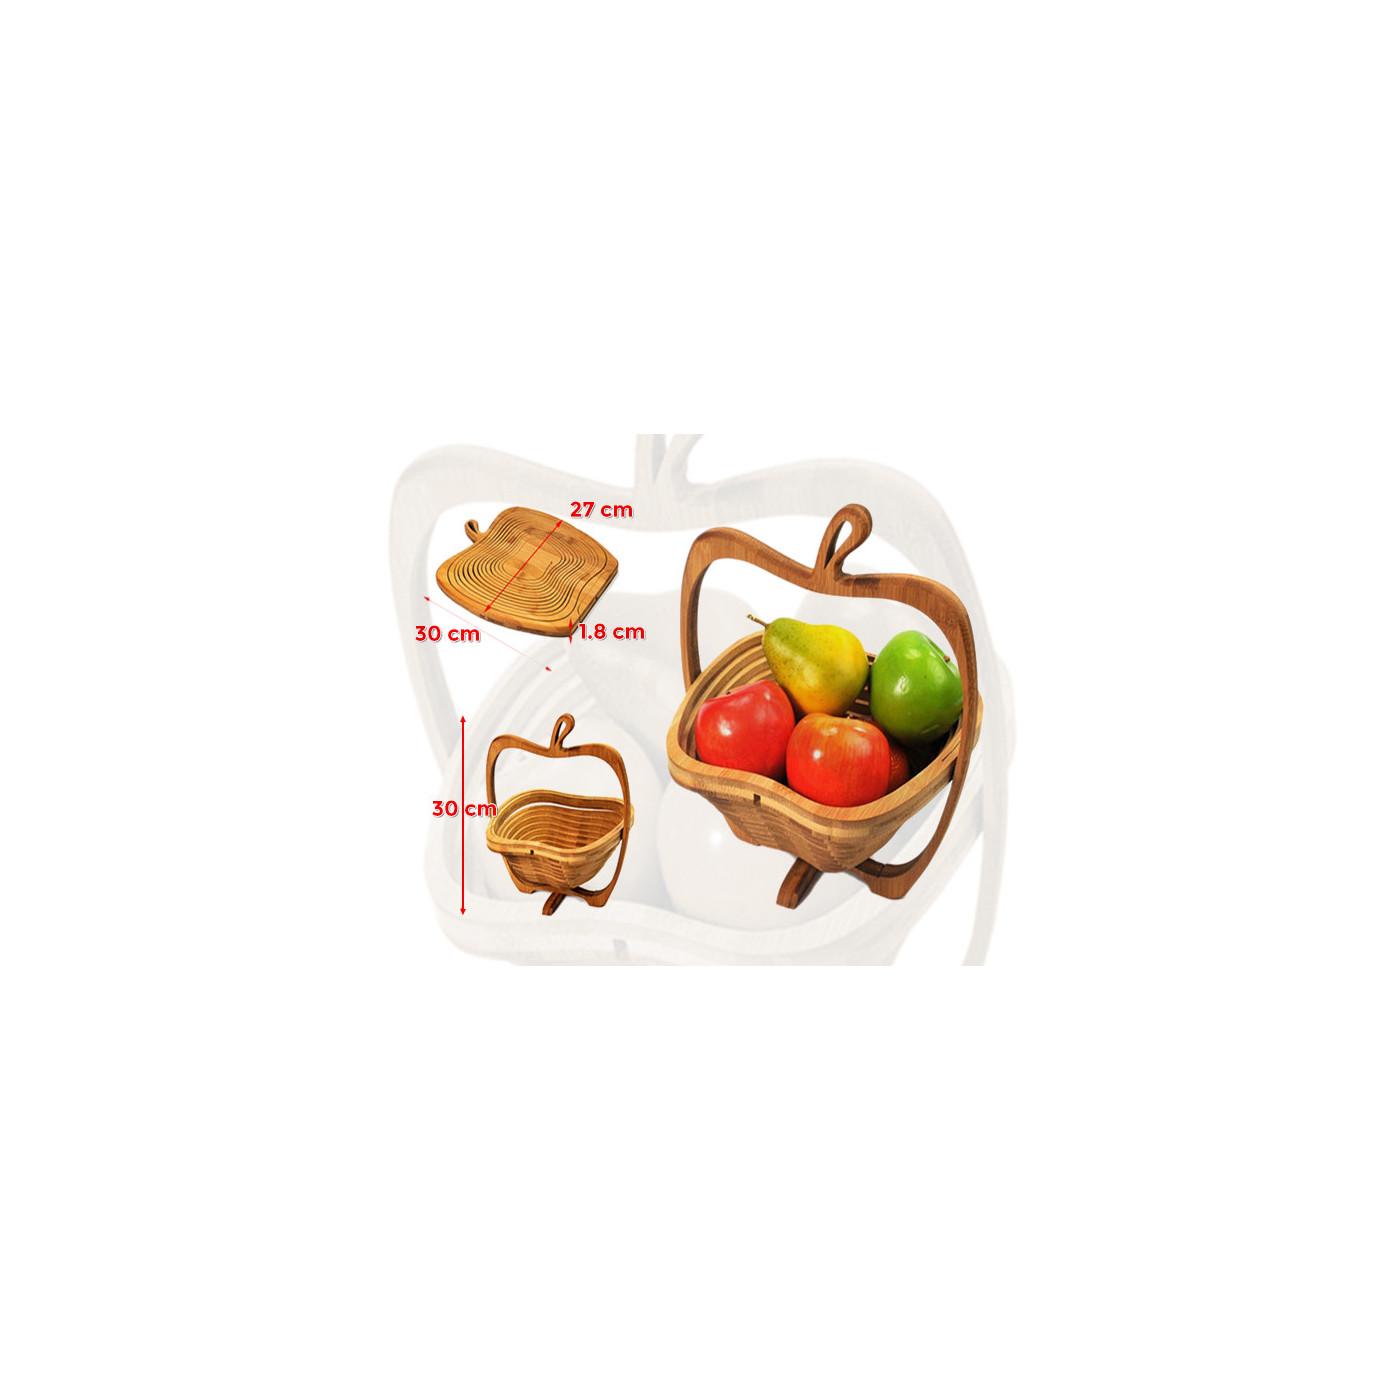 Deco cesta de frutas de madeira (dobrável)  - 1